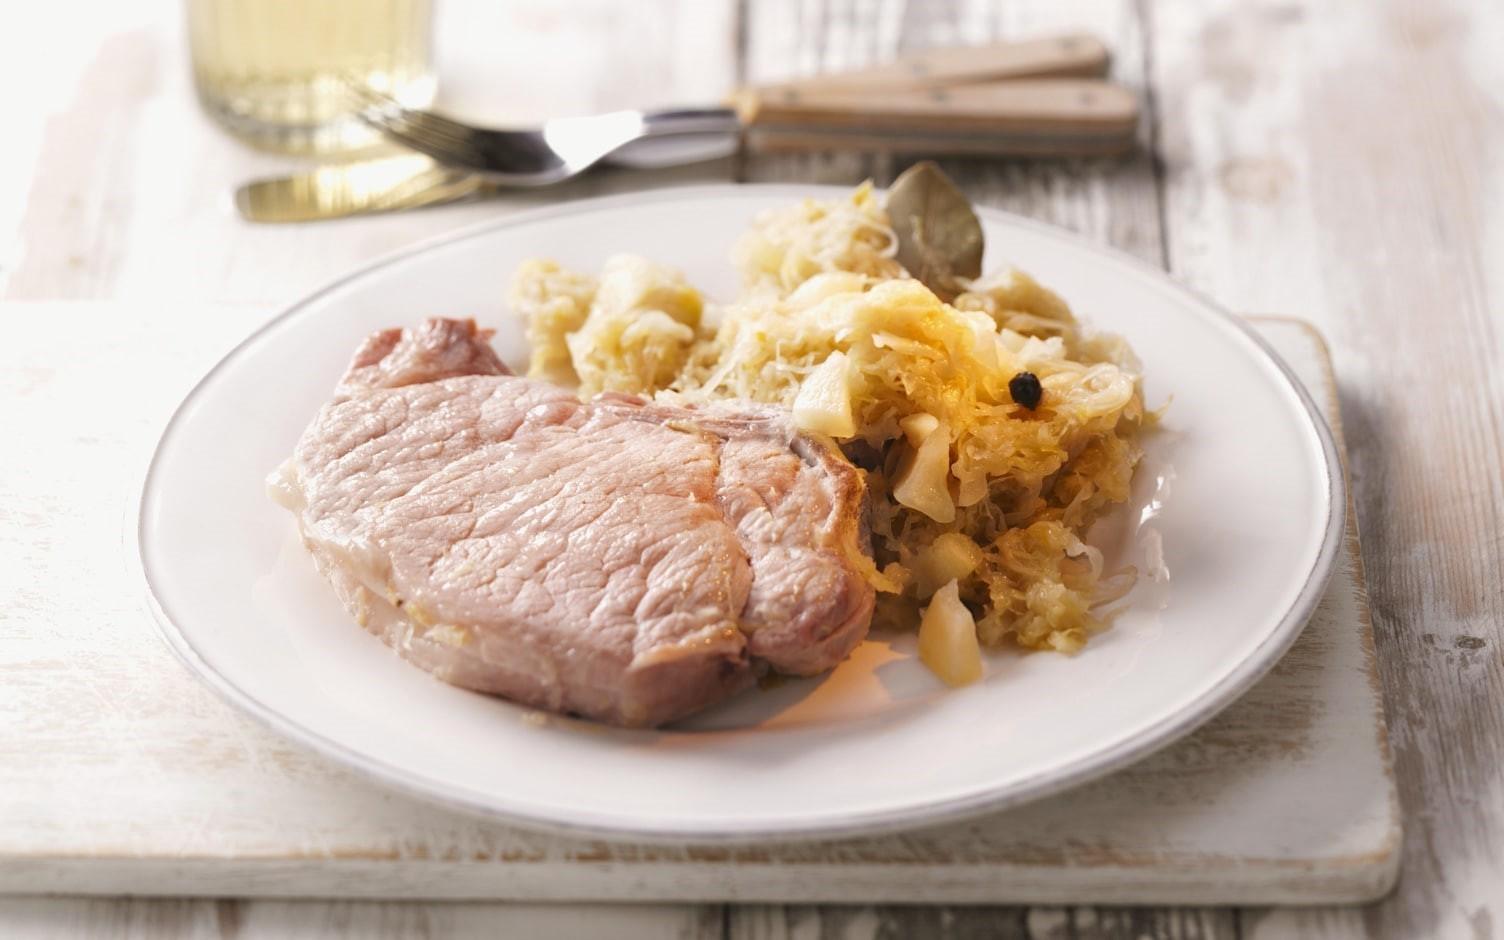 món ăn chế biến từ thịt lợn, truyền thống Ireland